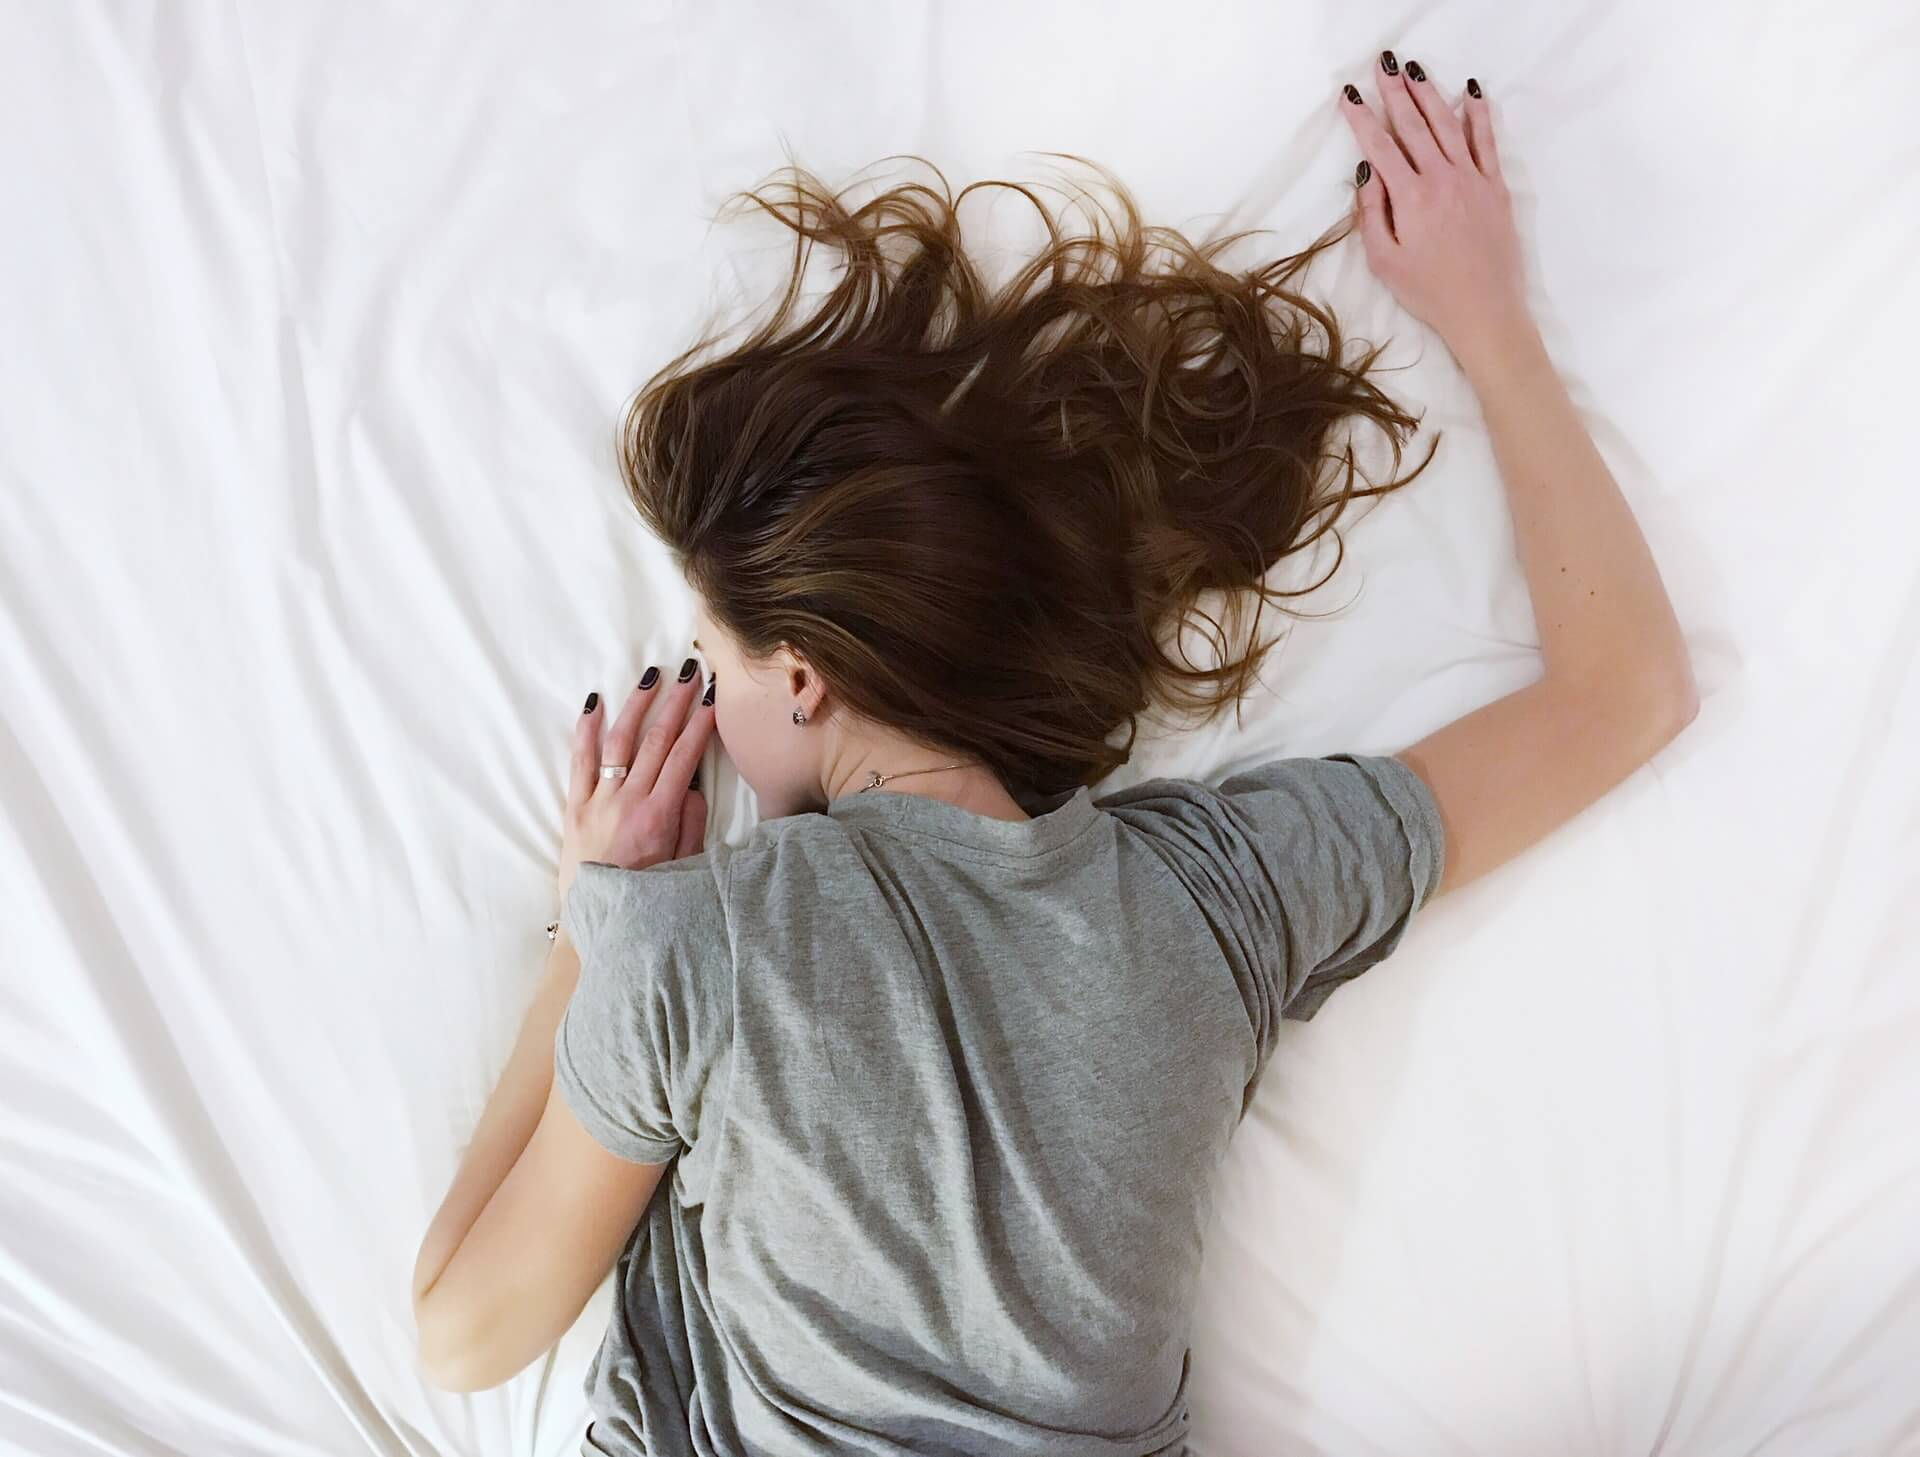 Simptoms of PMS. Pain in woman